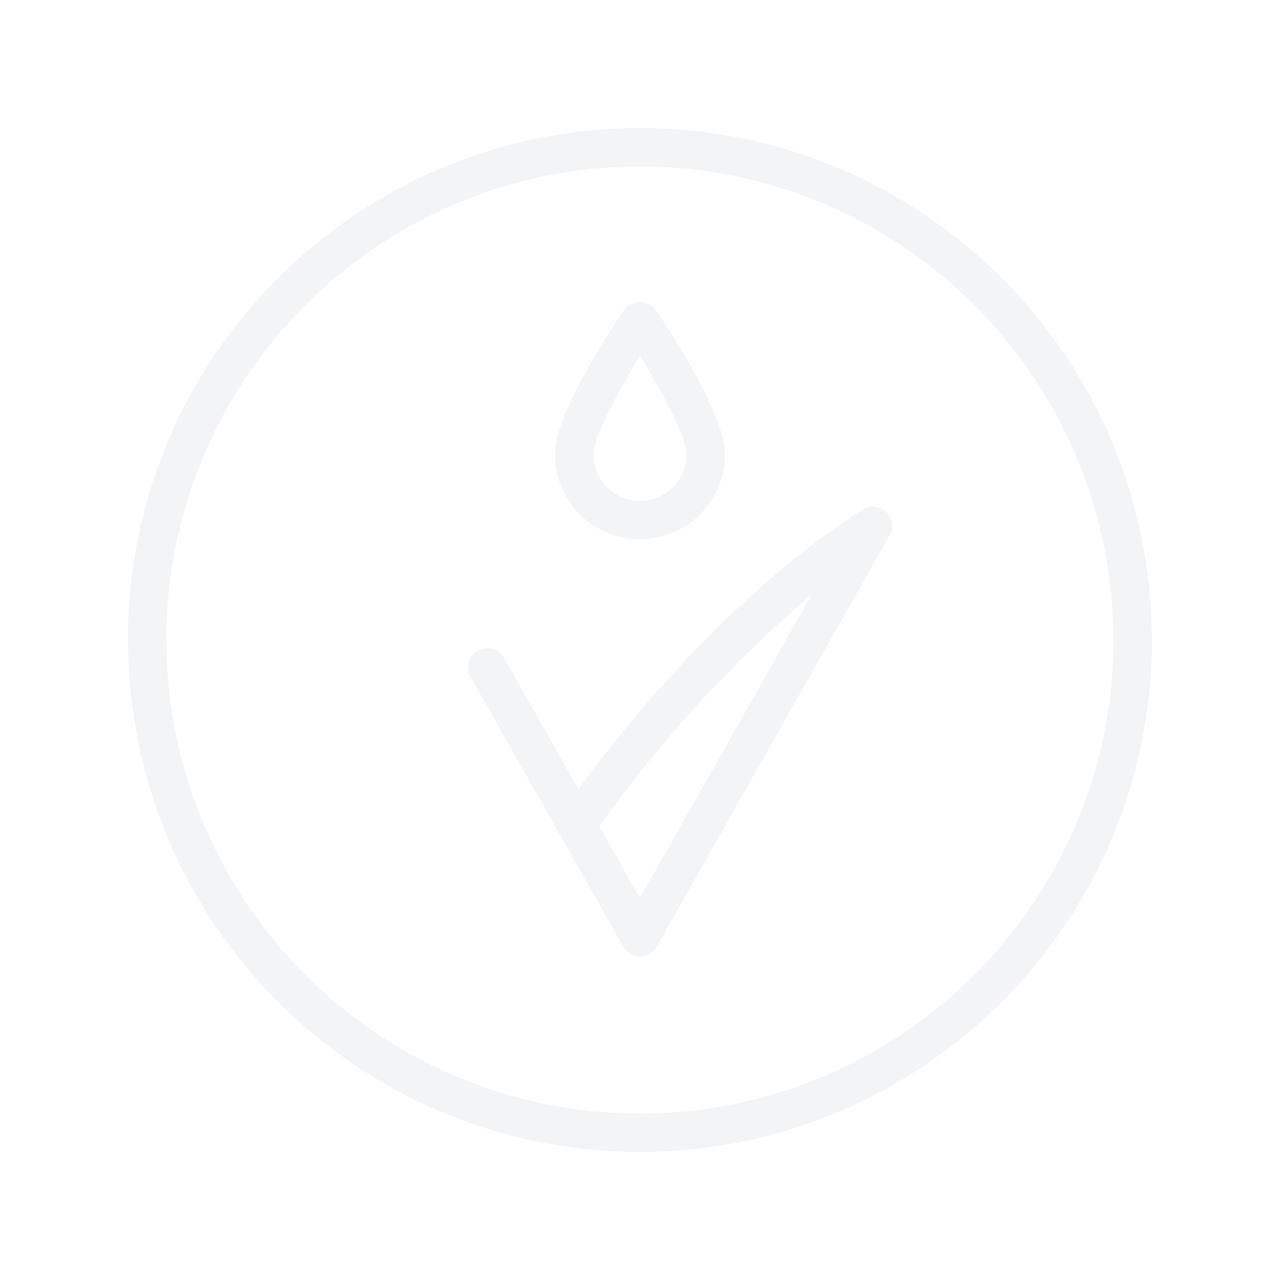 Sleek Makeup Corrector & Concealer Palette 4.2g